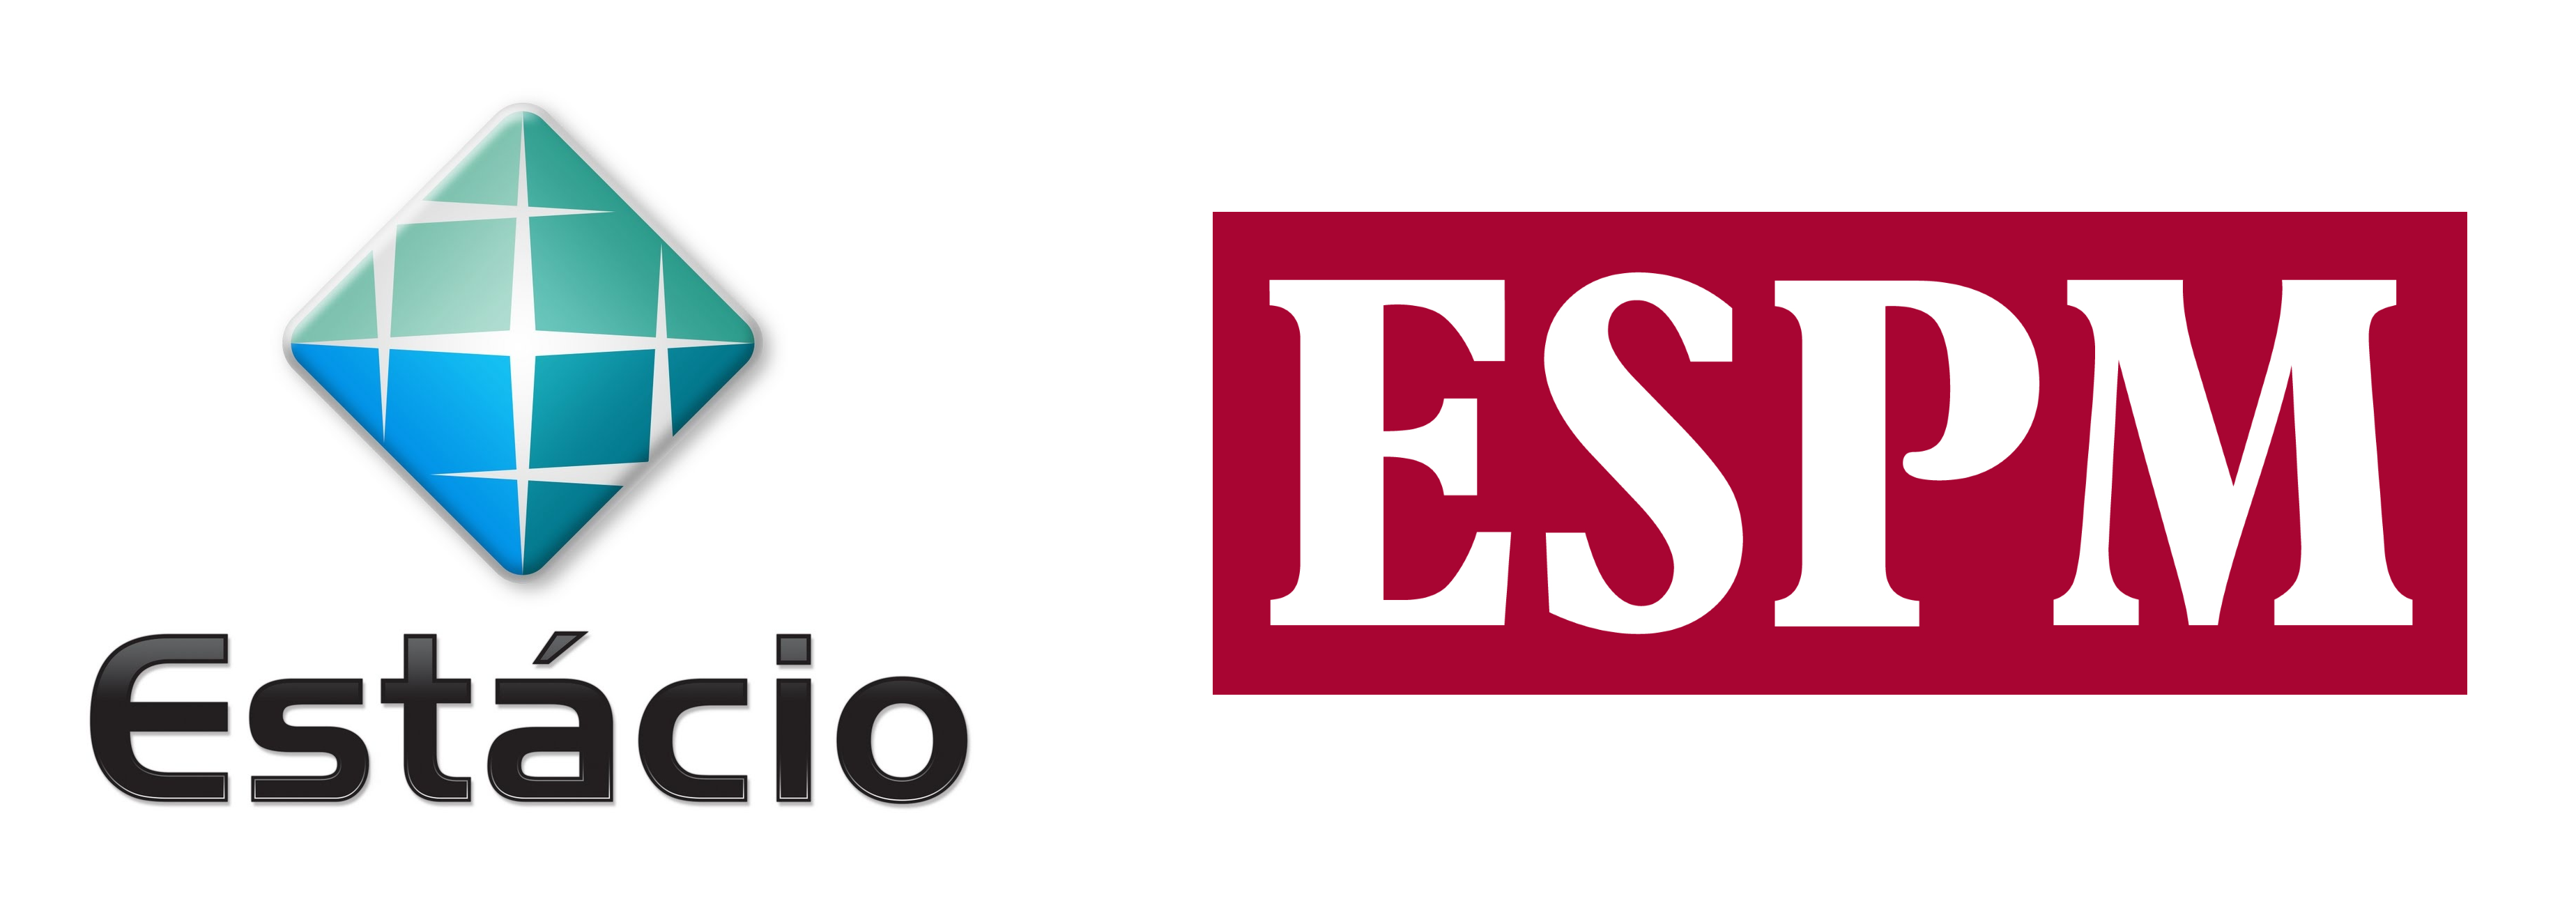 Estacio - ESPM Logo